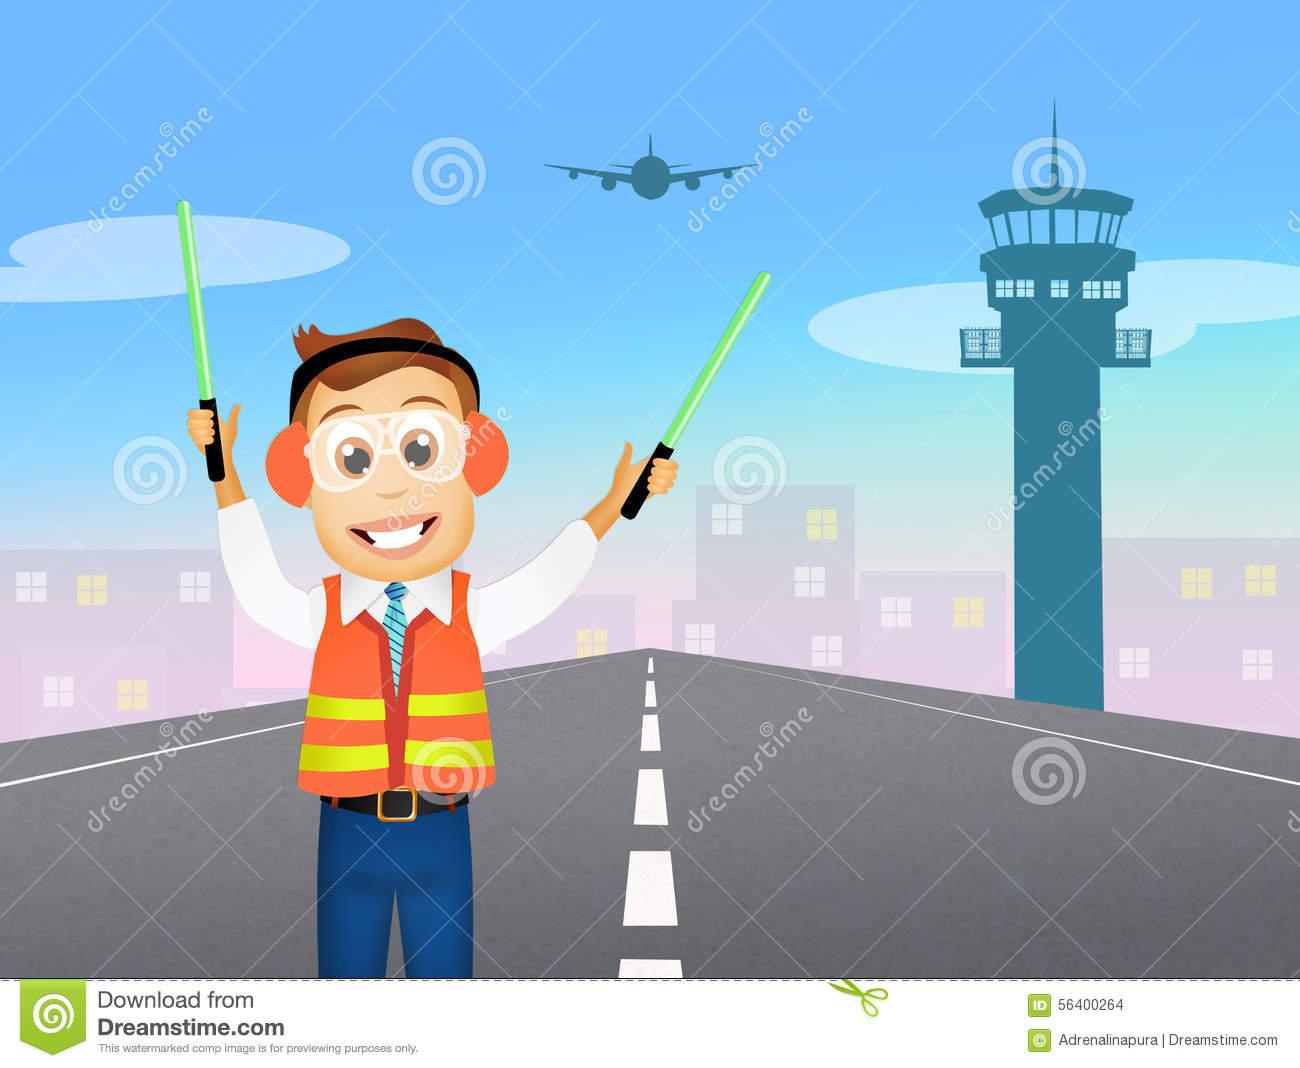 Air traffic control clipart.